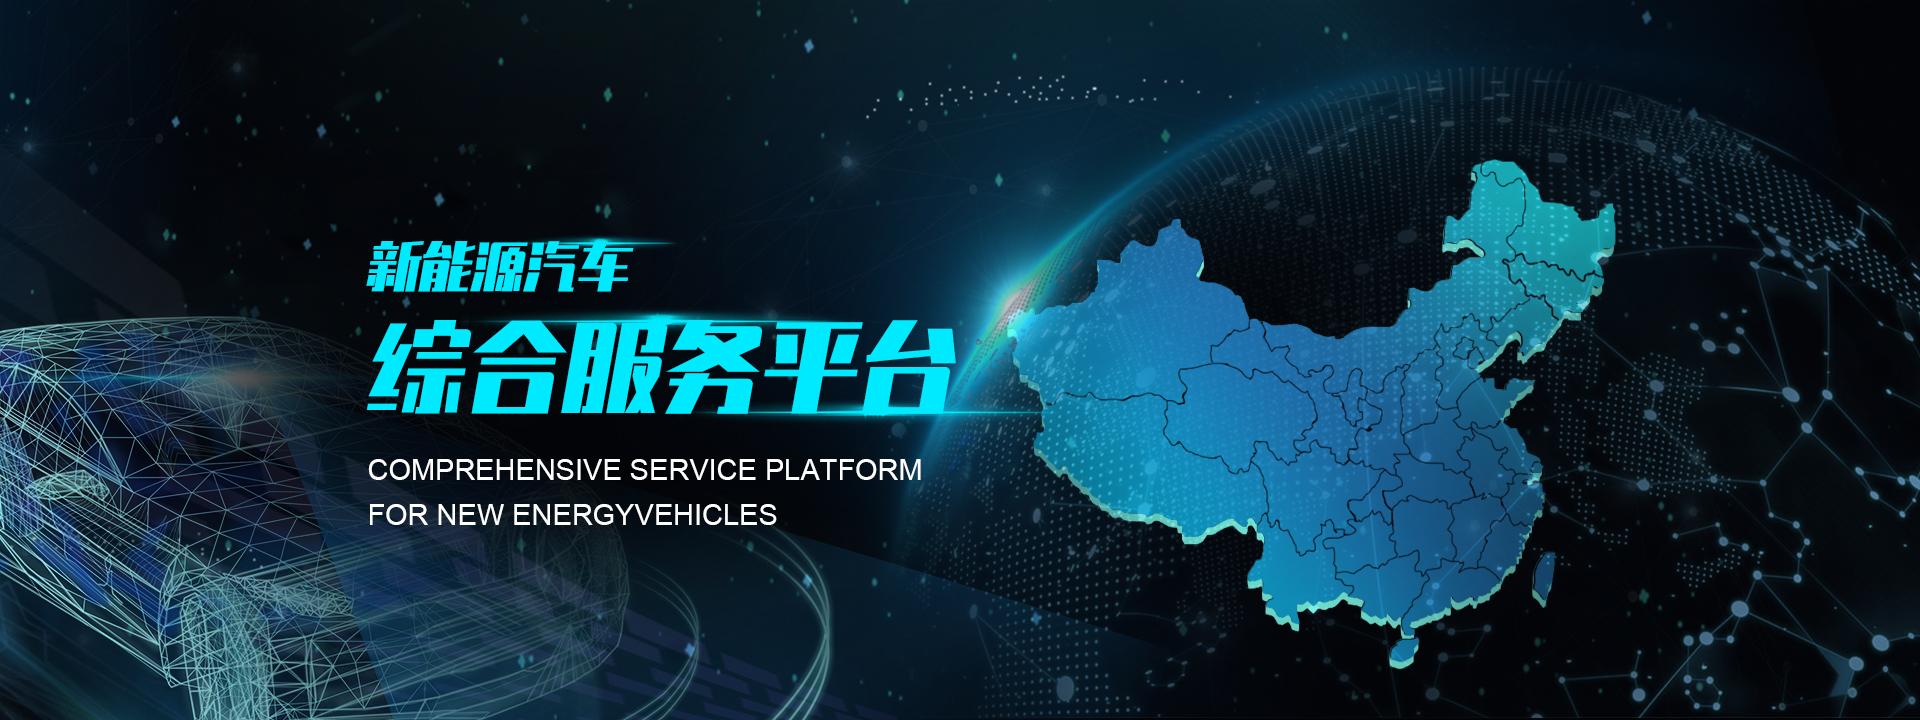 综合服务平台图